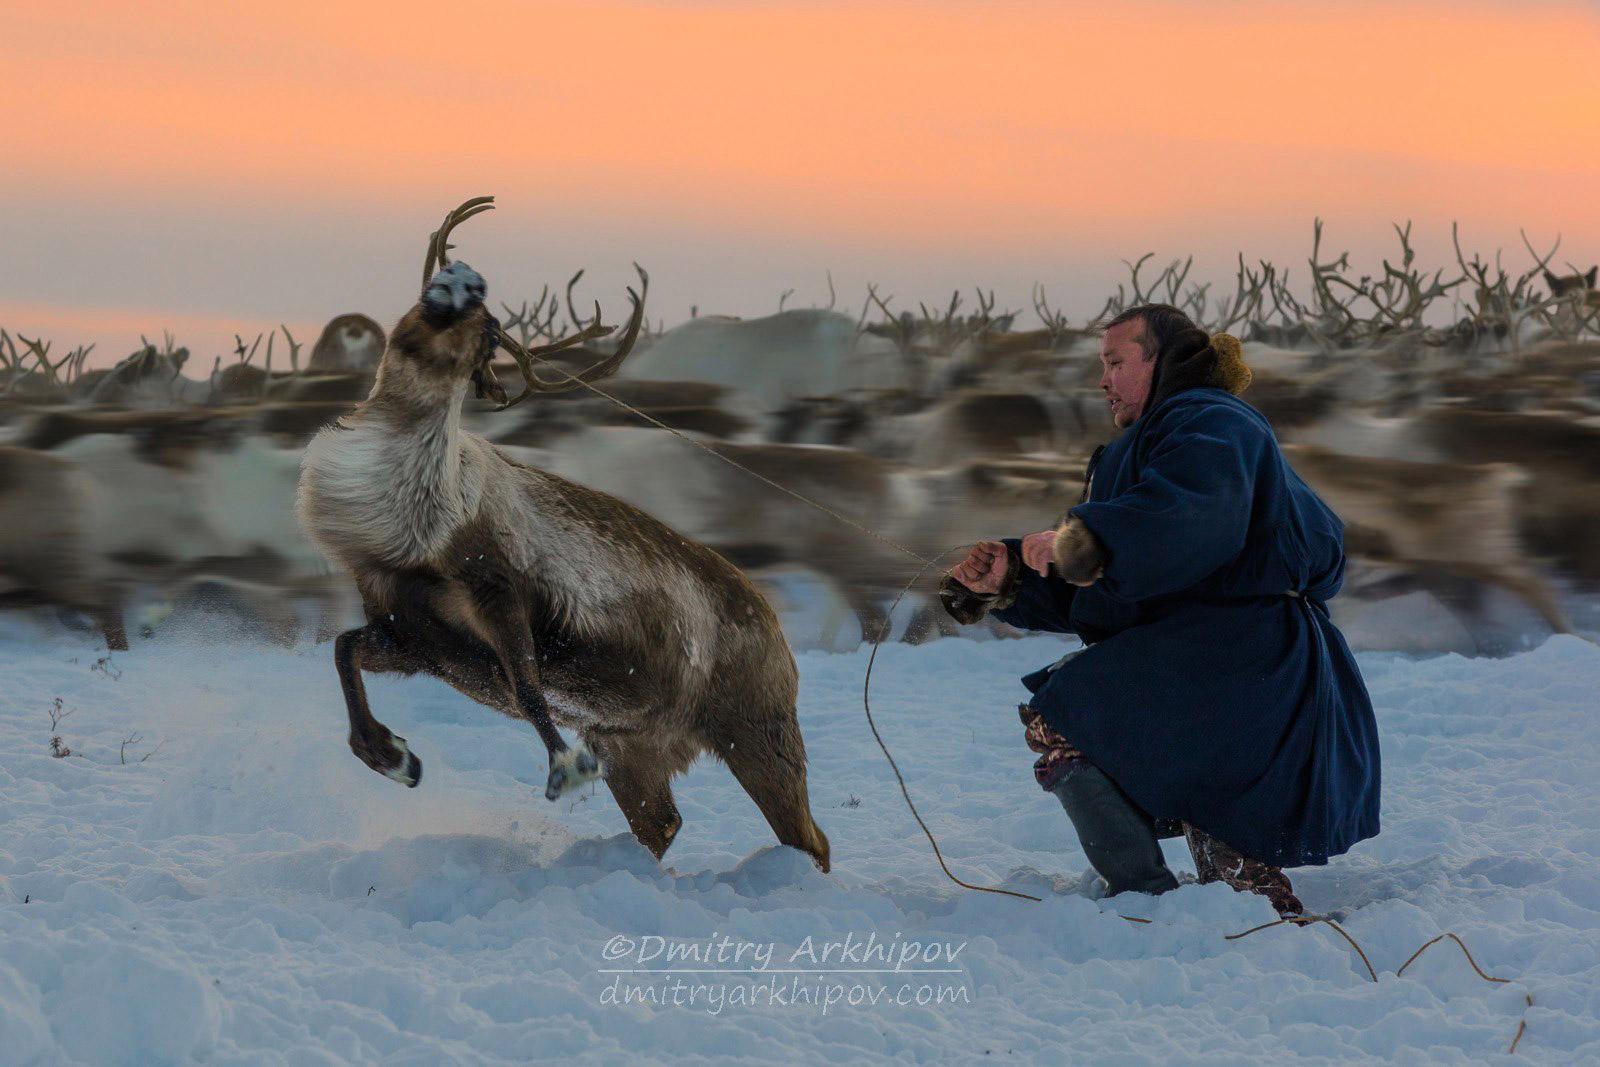 Оленевод, © Дмитрий Архипов, Второе место, Фотоконкурс «Золотая Черепаха»